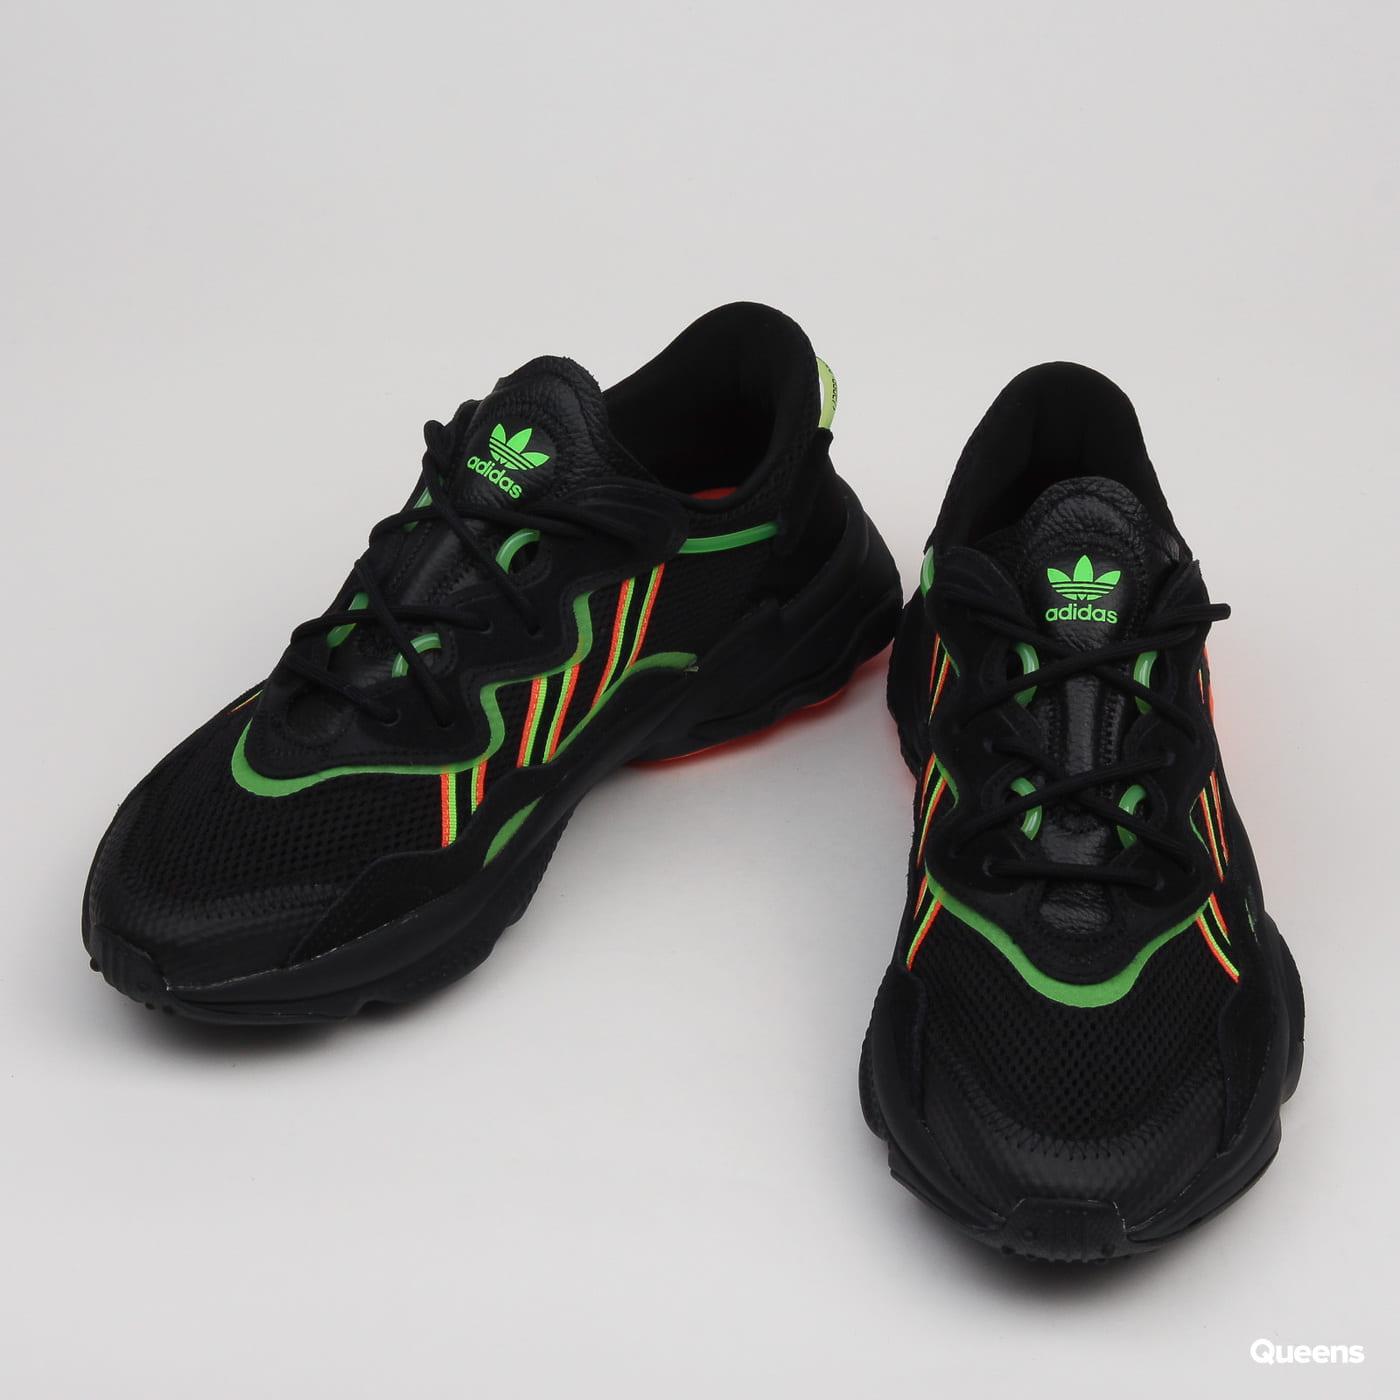 adidas Originals Ozweego cblack / sgreen / hireco